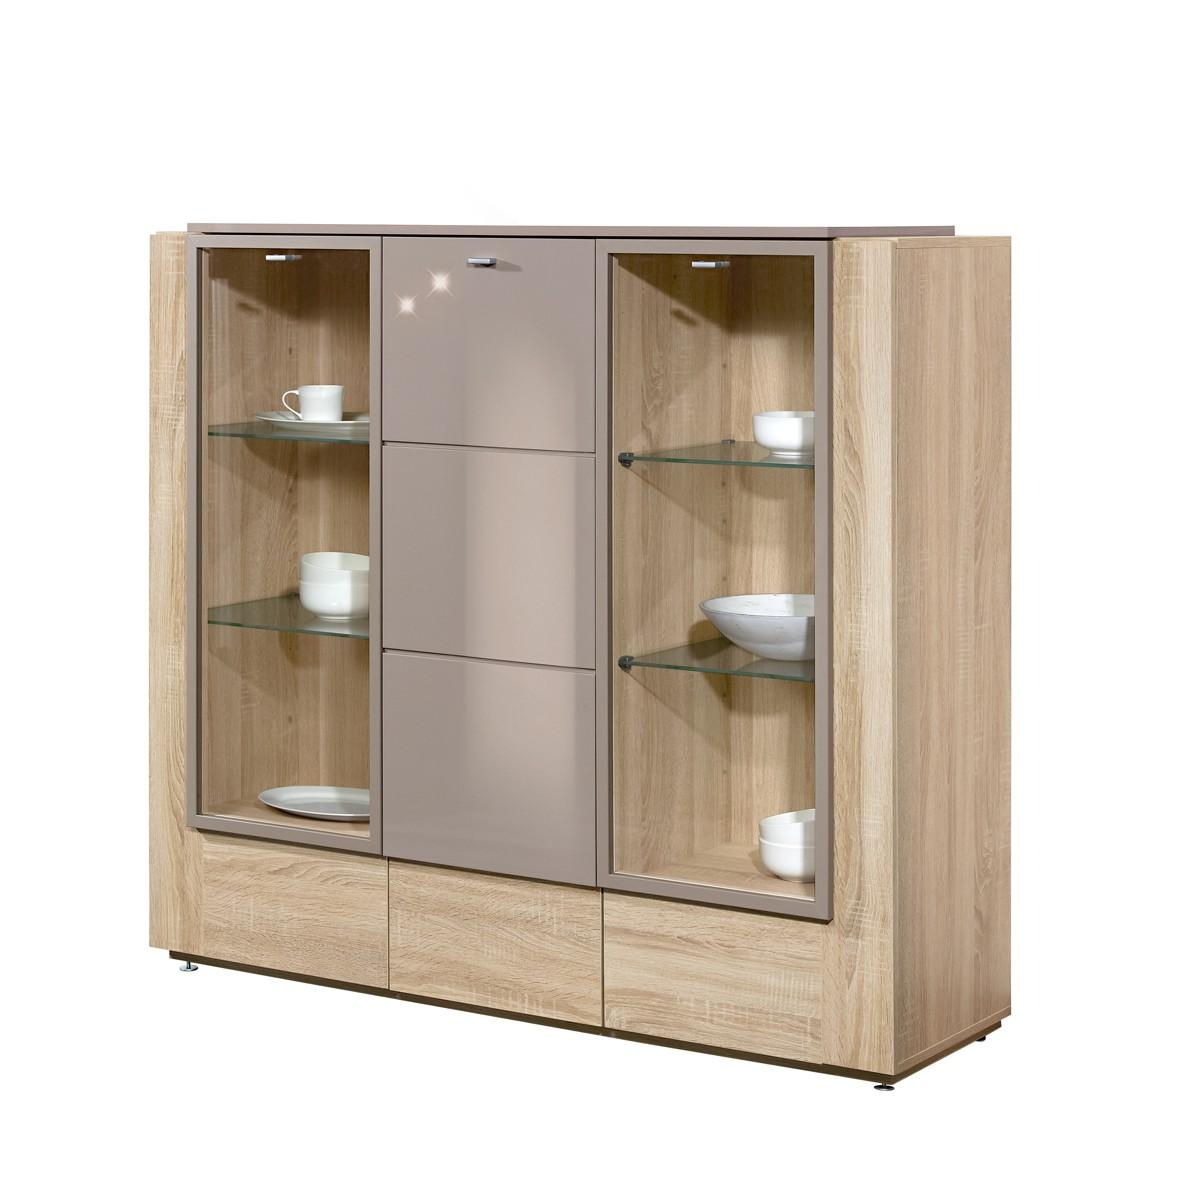 vitrine ancona eiche dekor grau hochglanz drei t ren zubeh r mit beleuchtung perfectfurn. Black Bedroom Furniture Sets. Home Design Ideas